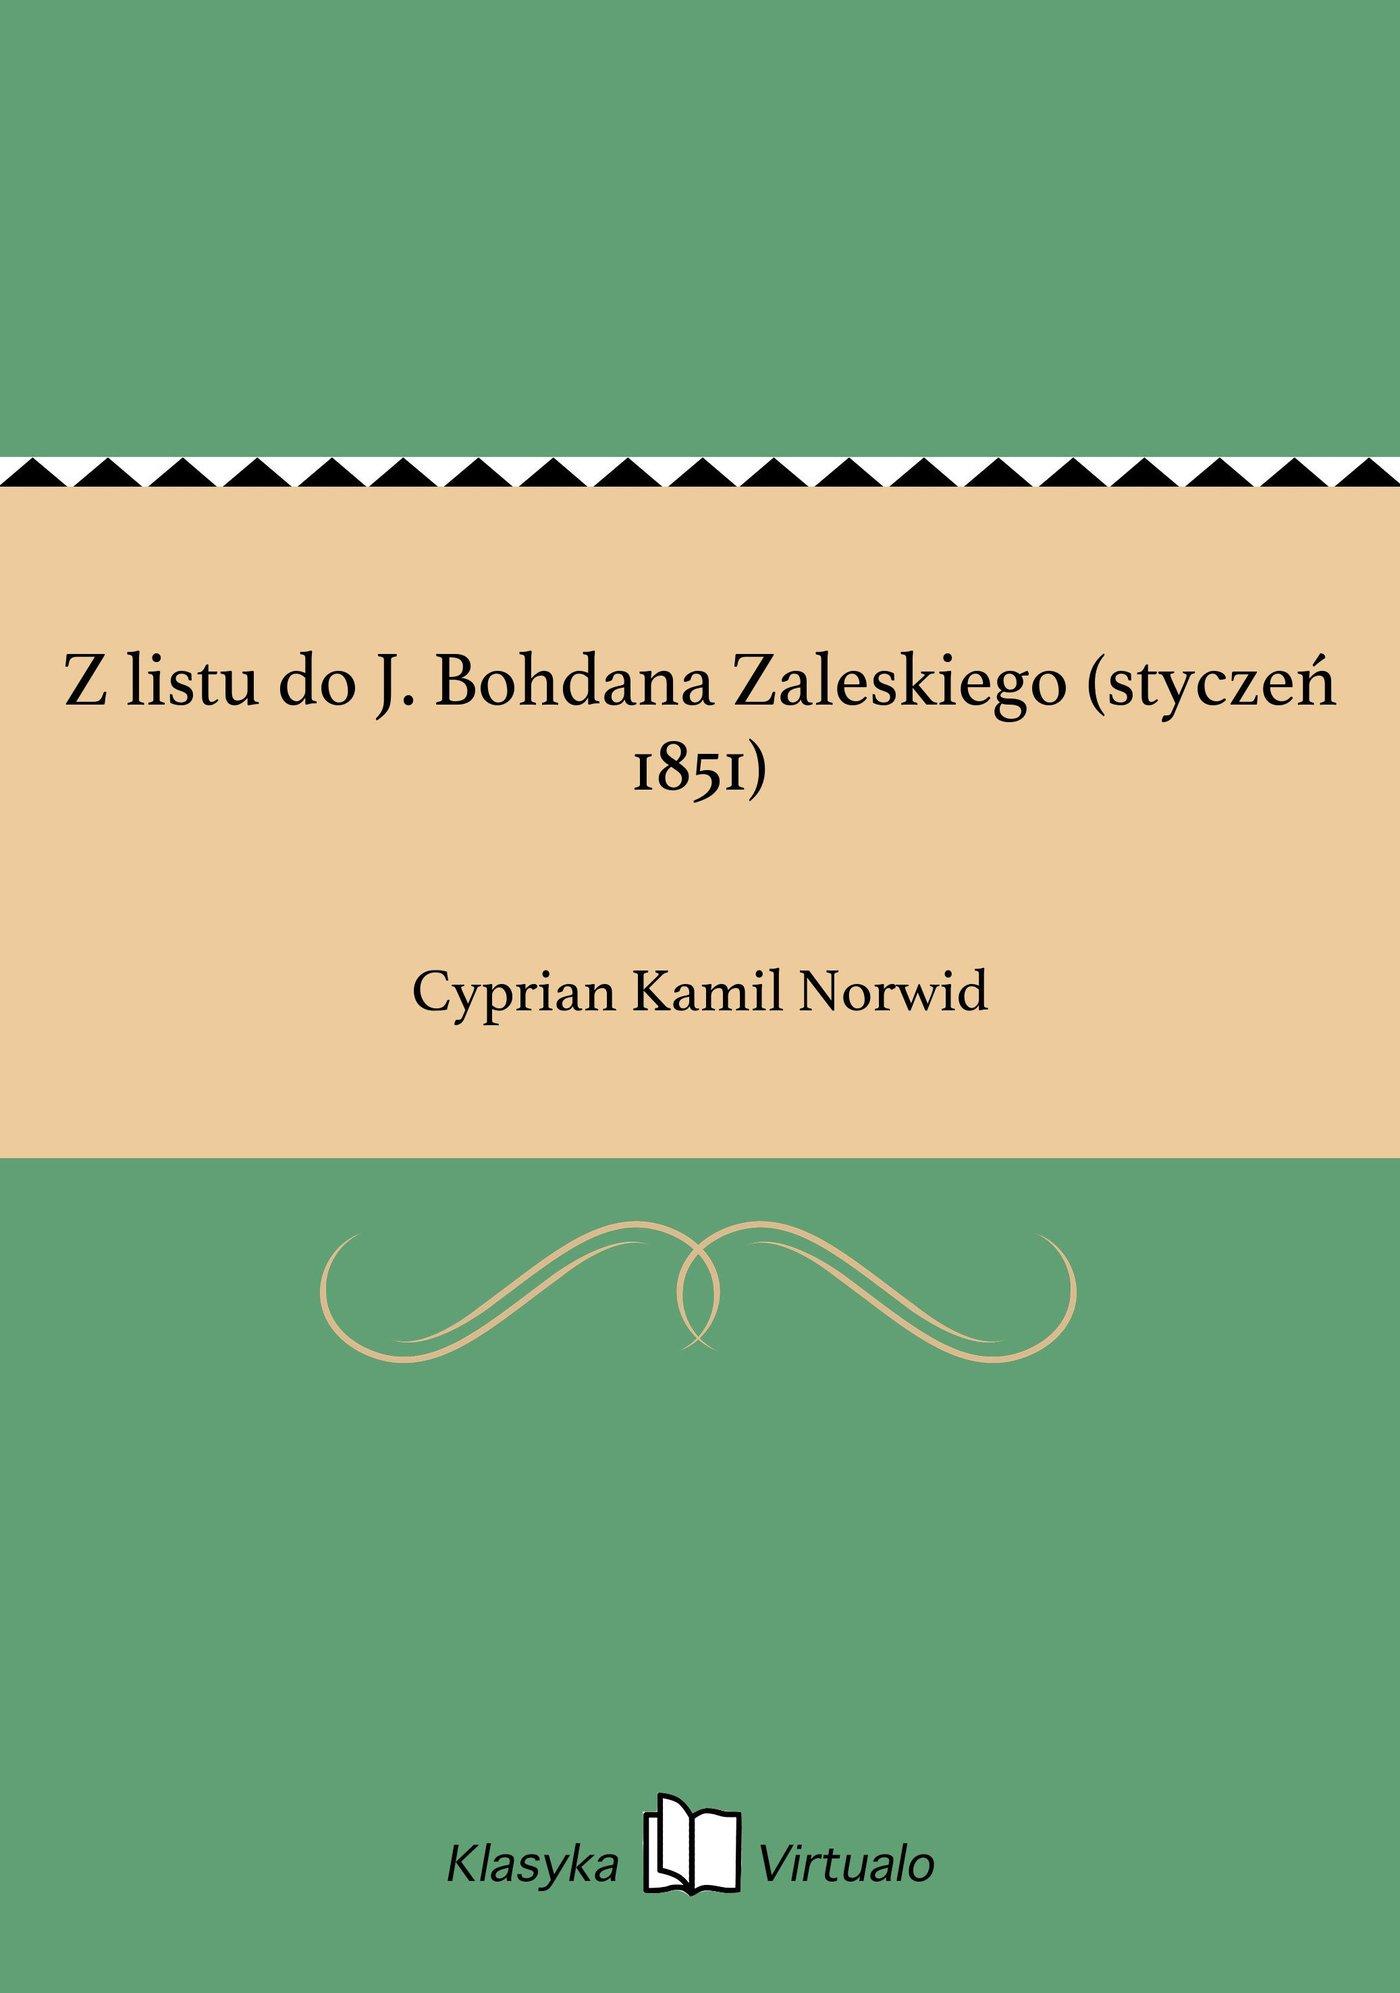 Z listu do J. Bohdana Zaleskiego (styczeń 1851) - Ebook (Książka EPUB) do pobrania w formacie EPUB